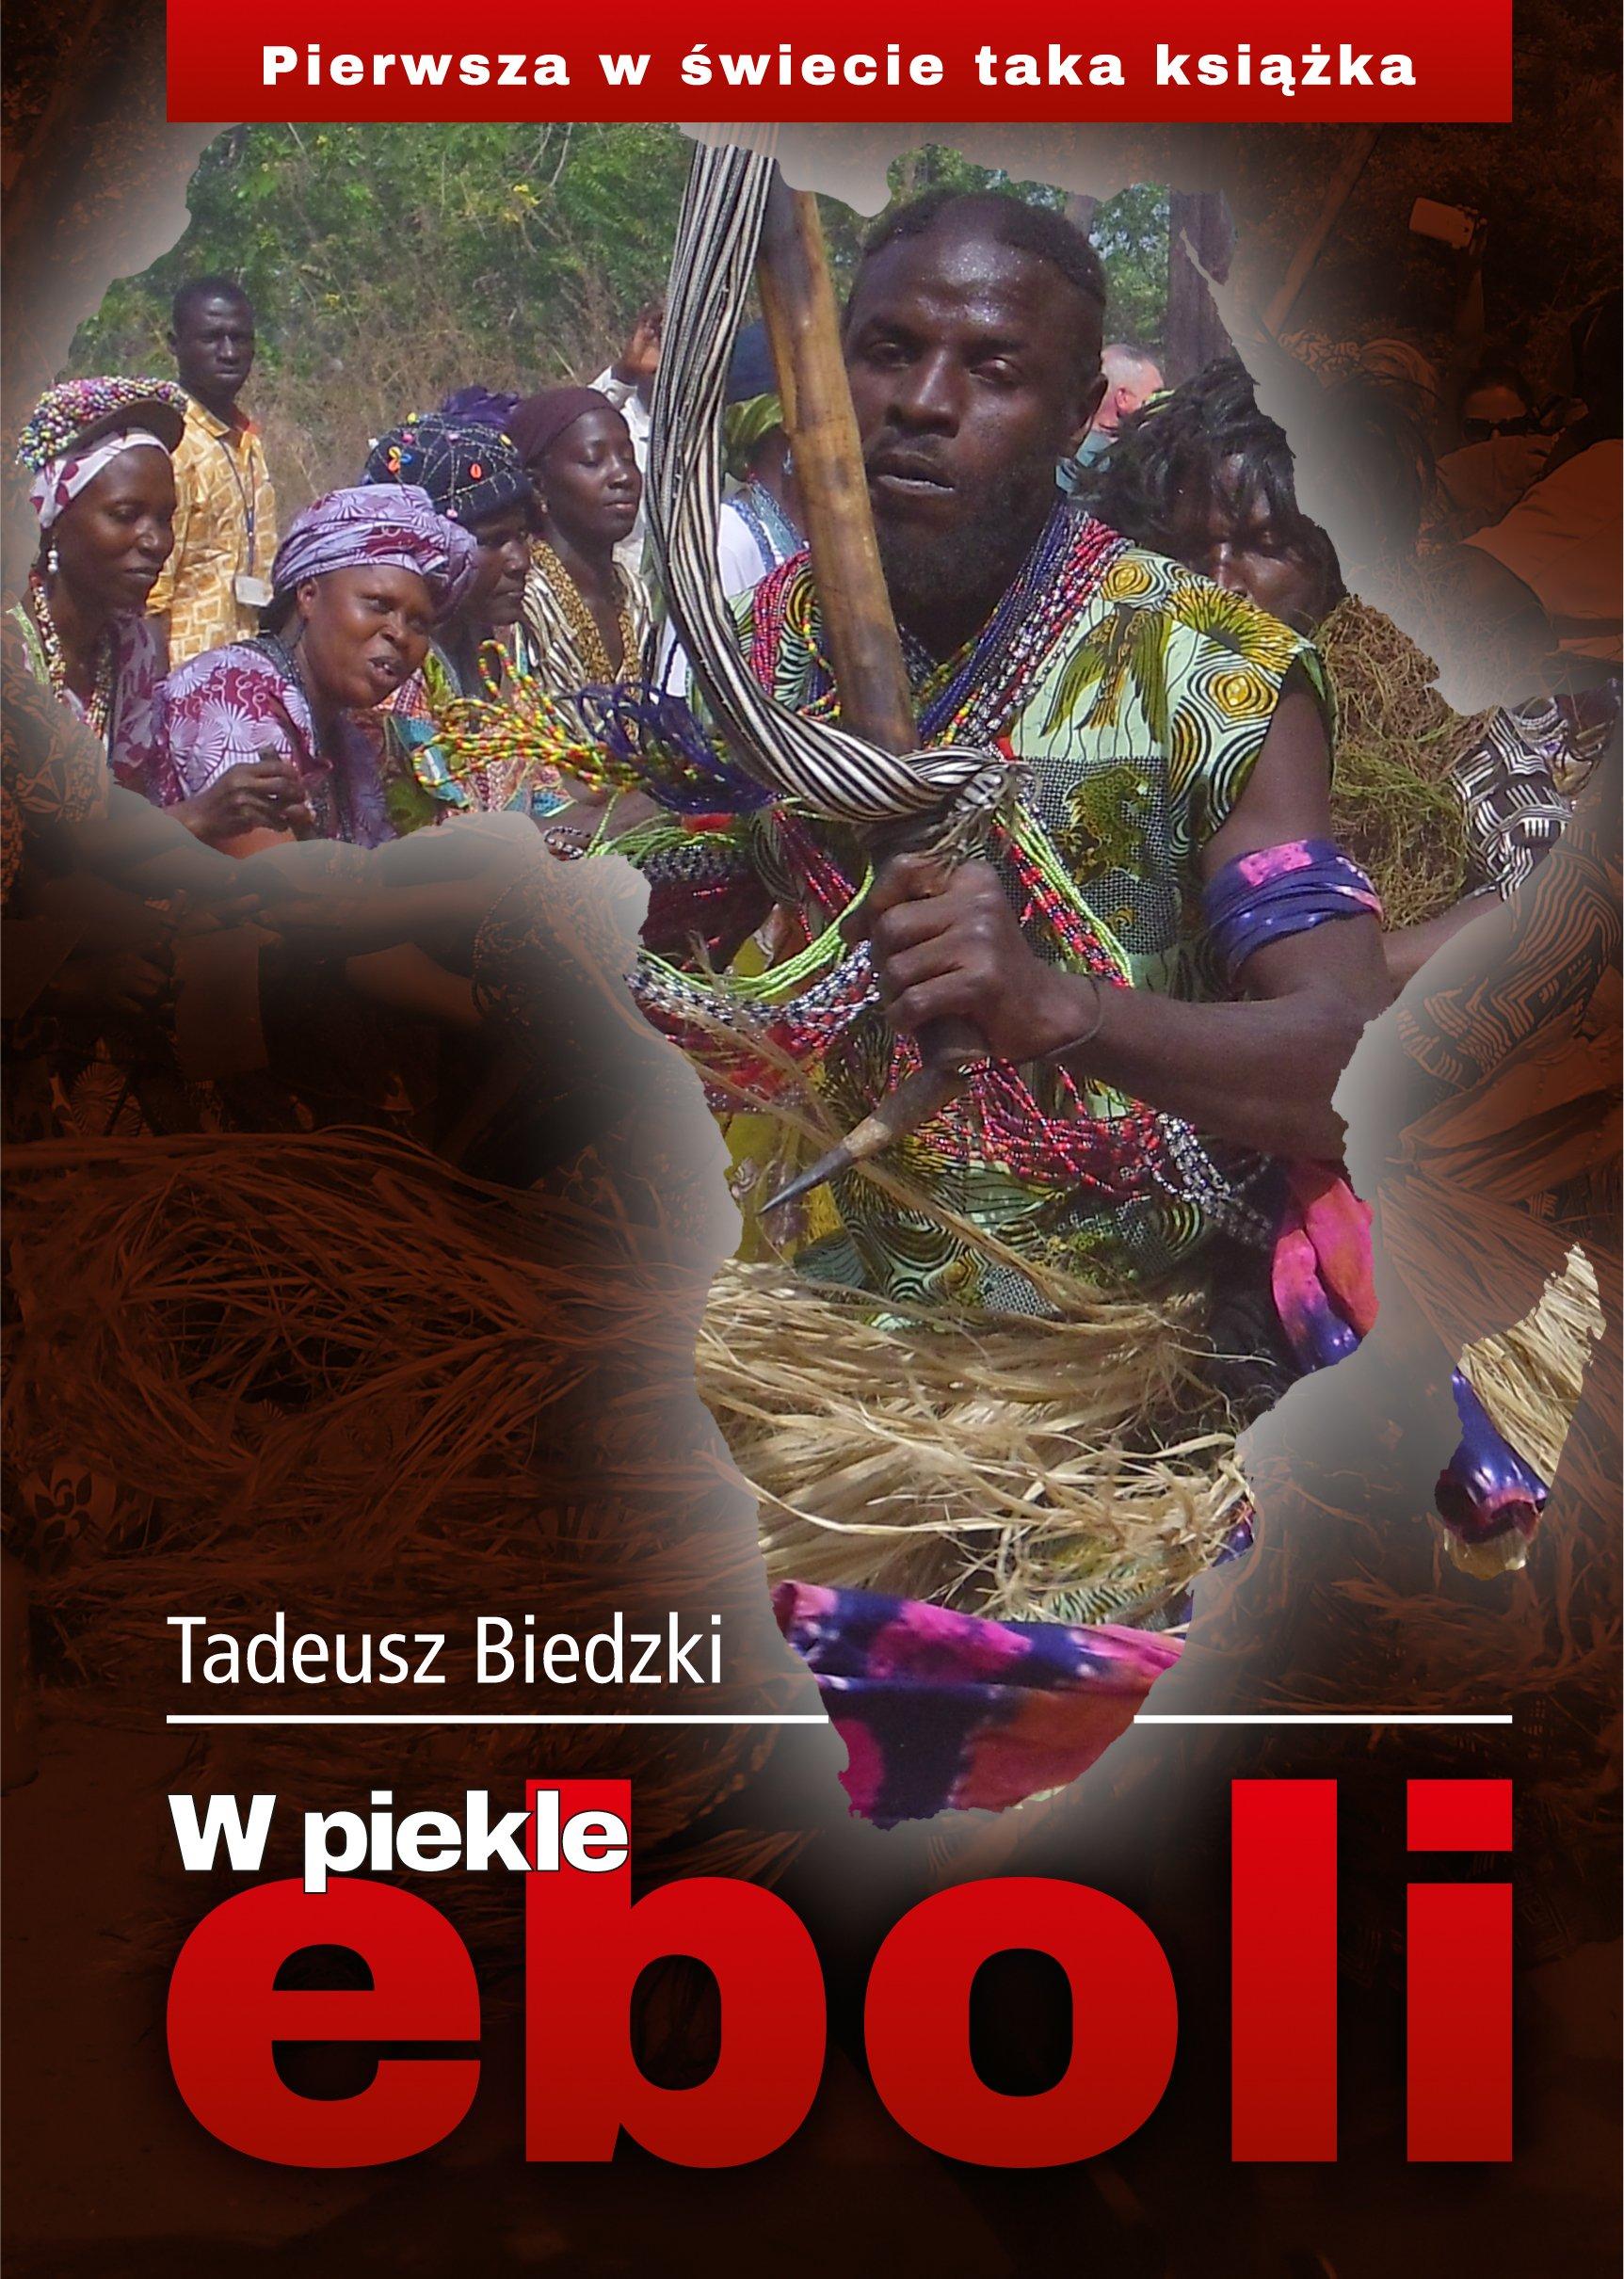 W piekle eboli Tadeusza Biedzkiego